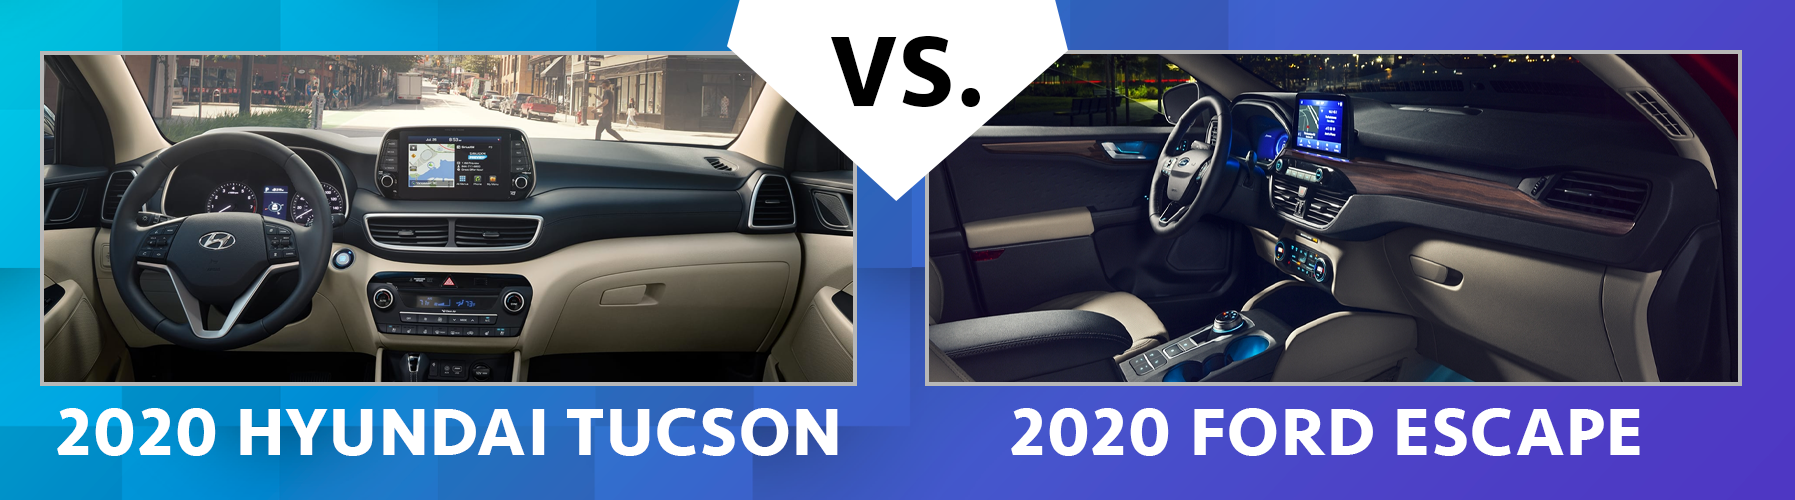 Compare 2020 Hyundai Tucson vs 2020 Ford Escape